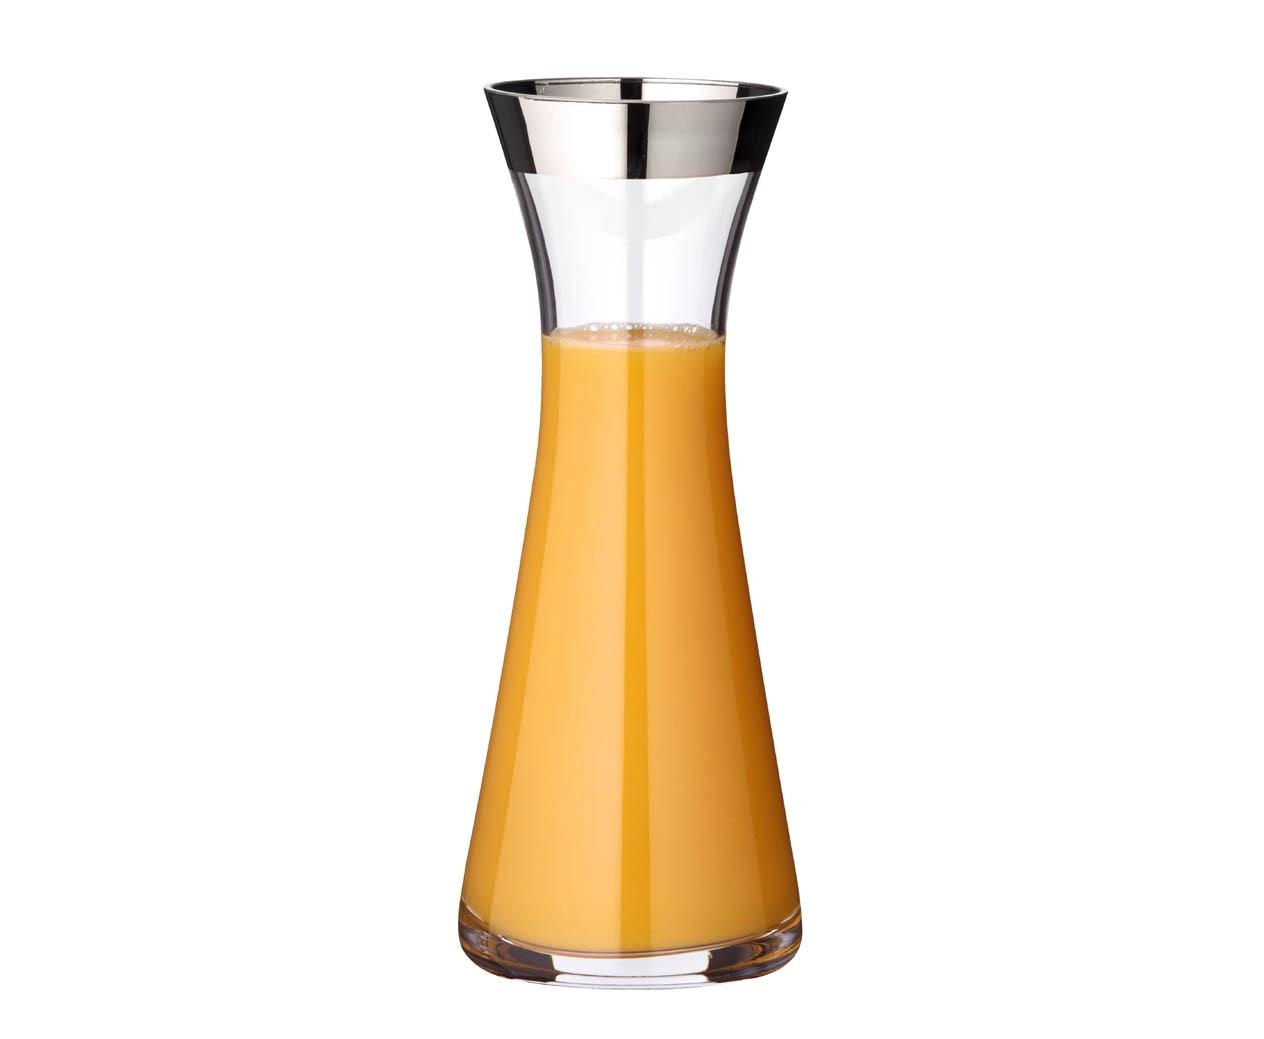 EDZARD Karaffe Hendrik, 0,8 l, Kristallglas mit Platinrand farblos Karaffen Gläser Glaswaren Haushaltswaren Kanne